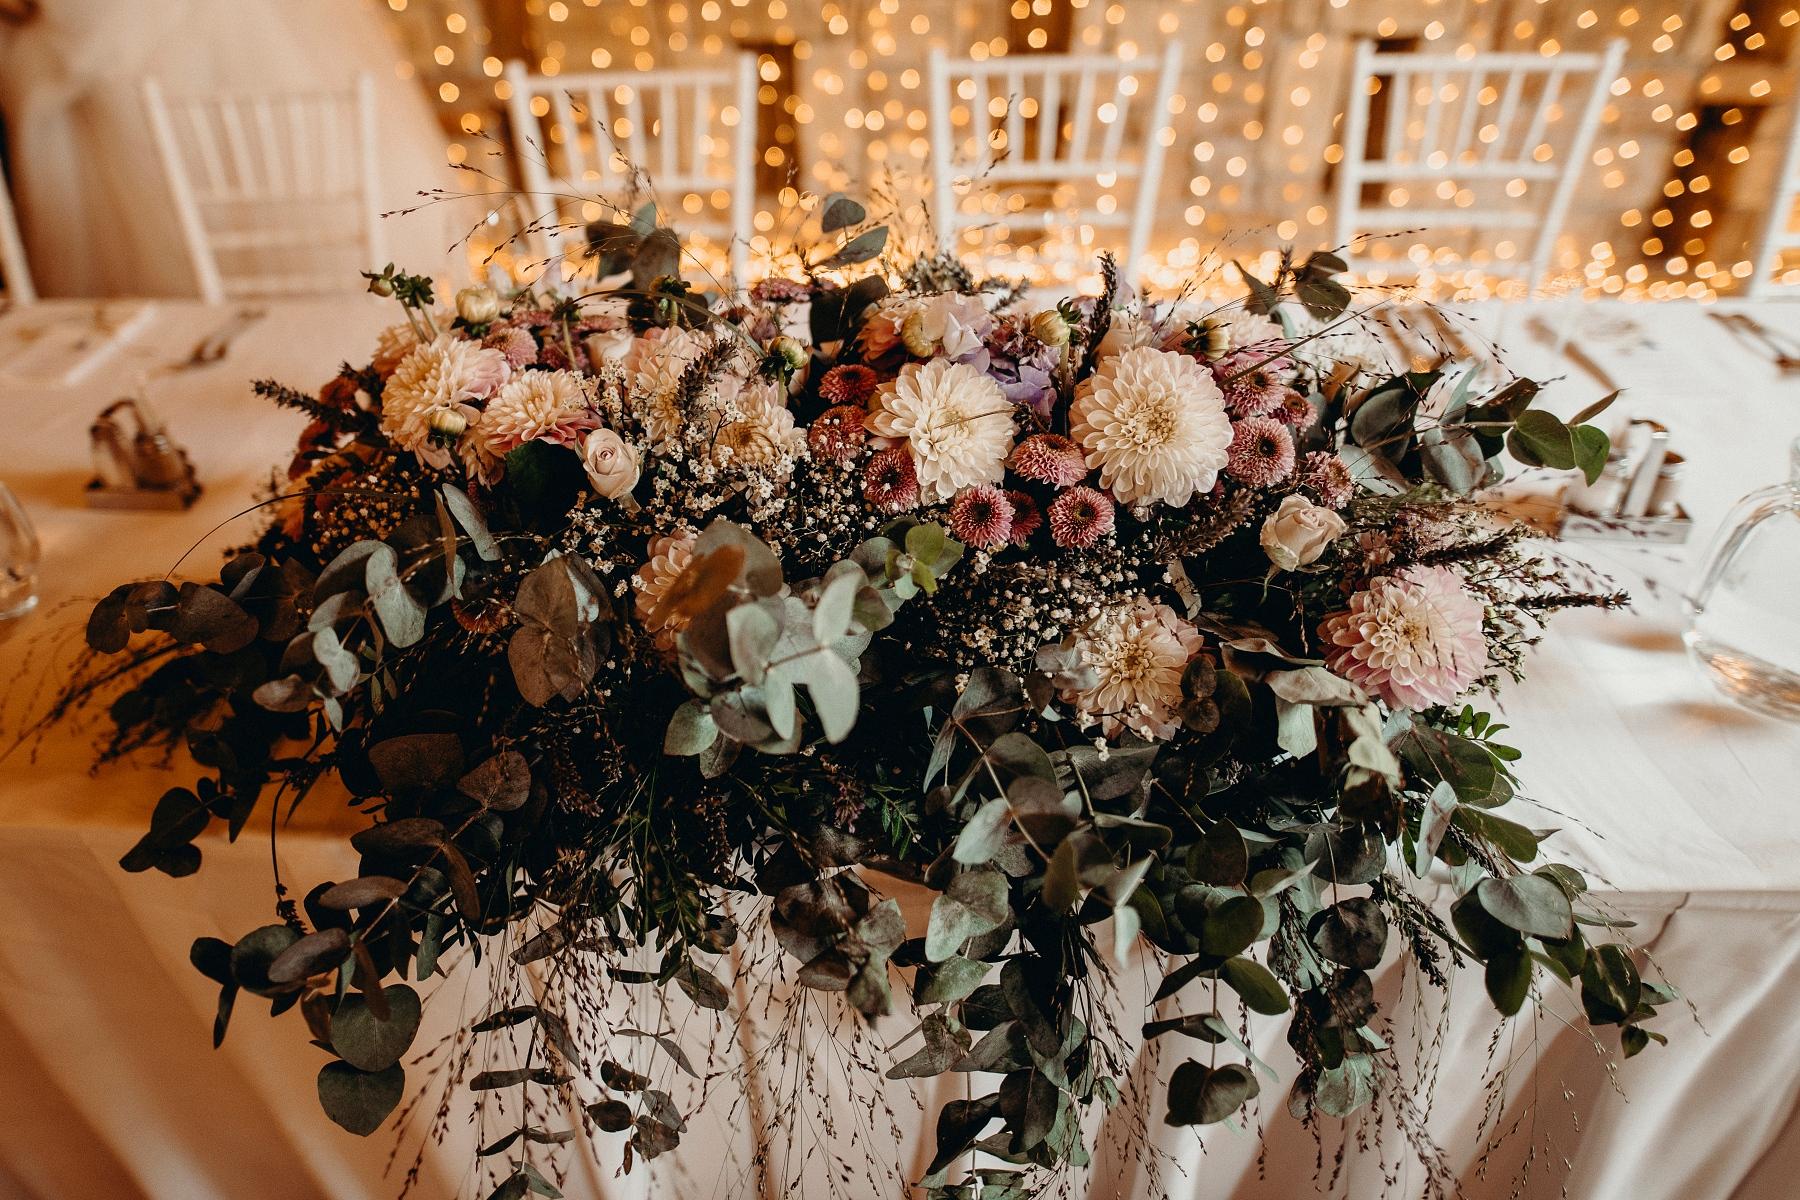 neco modra, svdba v modre, neco estate winery Modra,#fotograf-Slovensko, #vychod, #praha, #tatry, #lubos-krahulec, #najlepsi-svadobny-fotografi, #asociácia-fotografov, #fotograf-tatry, #fotenie-v-tatrach, #svadba-v-prirode, #kameraman, #na-svadbu, #svadobne-saty, #kytica, #presov,